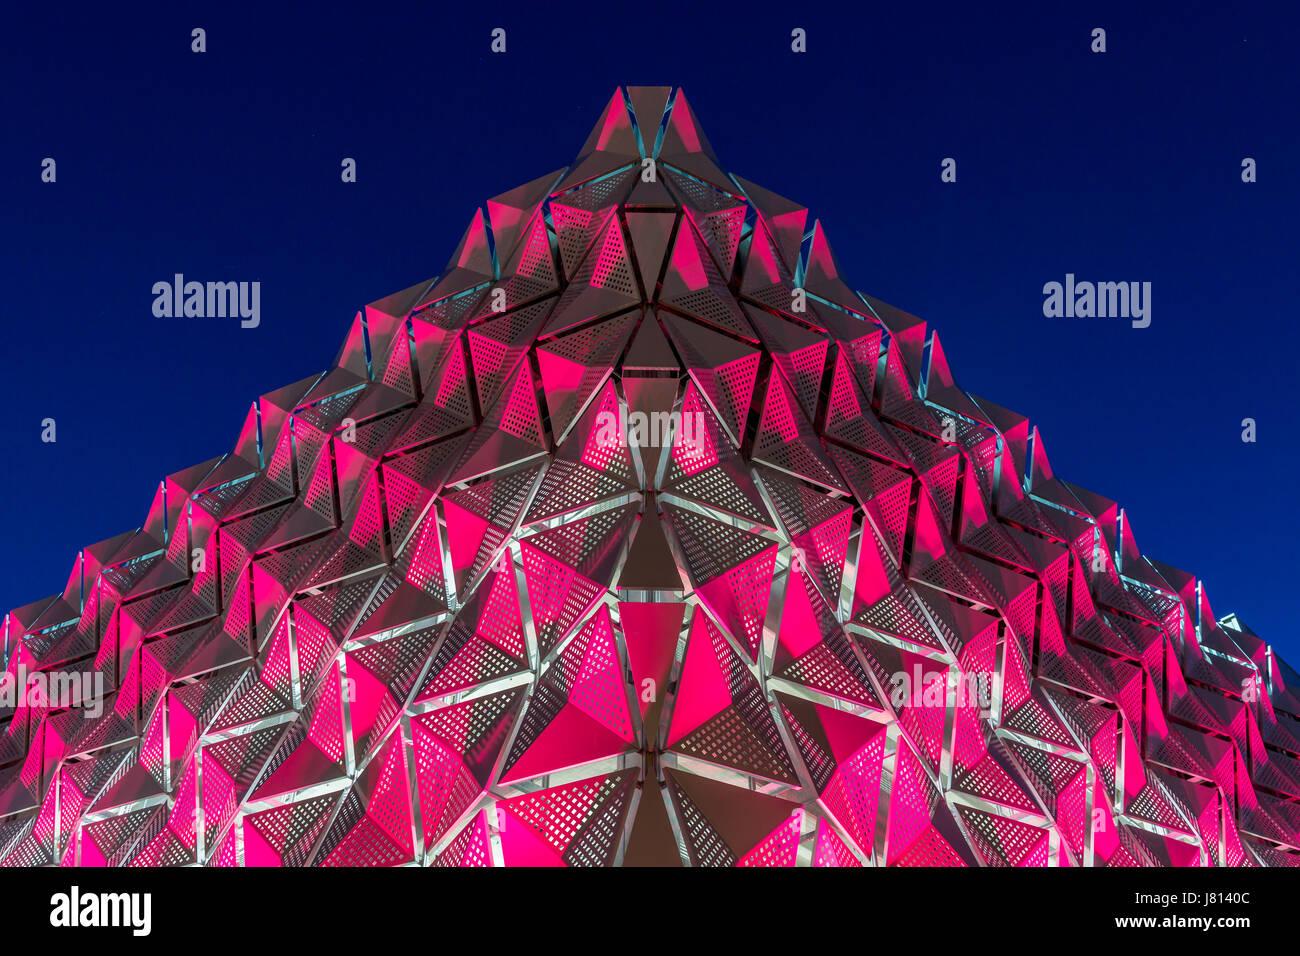 LED illuminated 9 storey multi-storey car park at the University of Leeds in Leeds - Stock Image